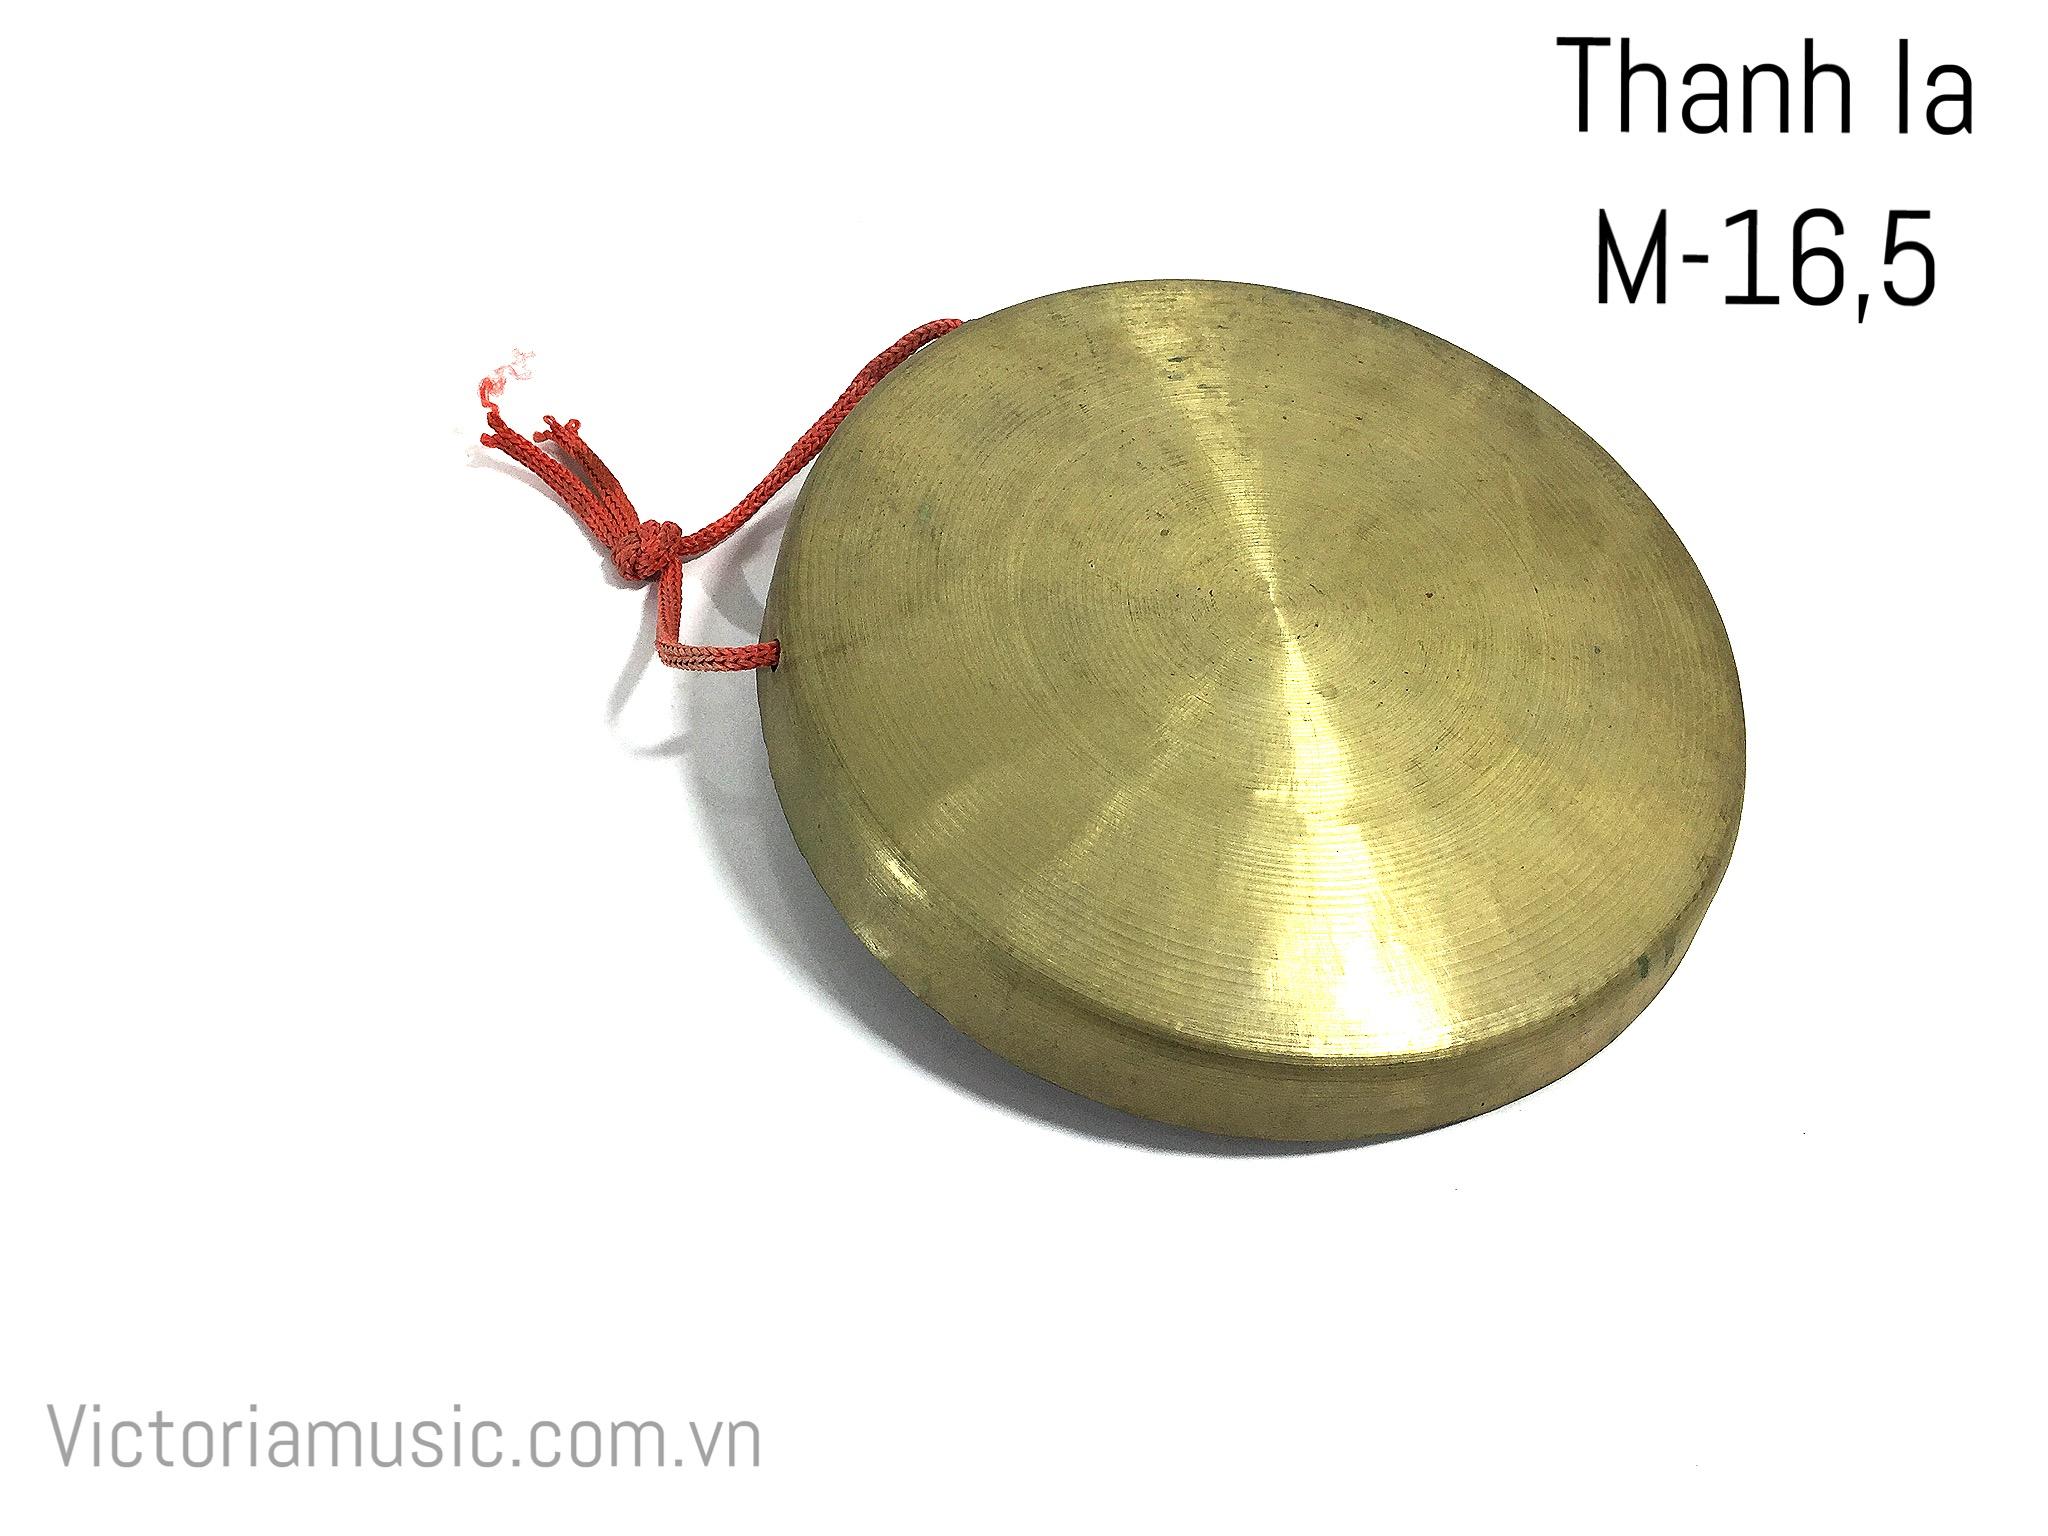 Thanh la M-16,5